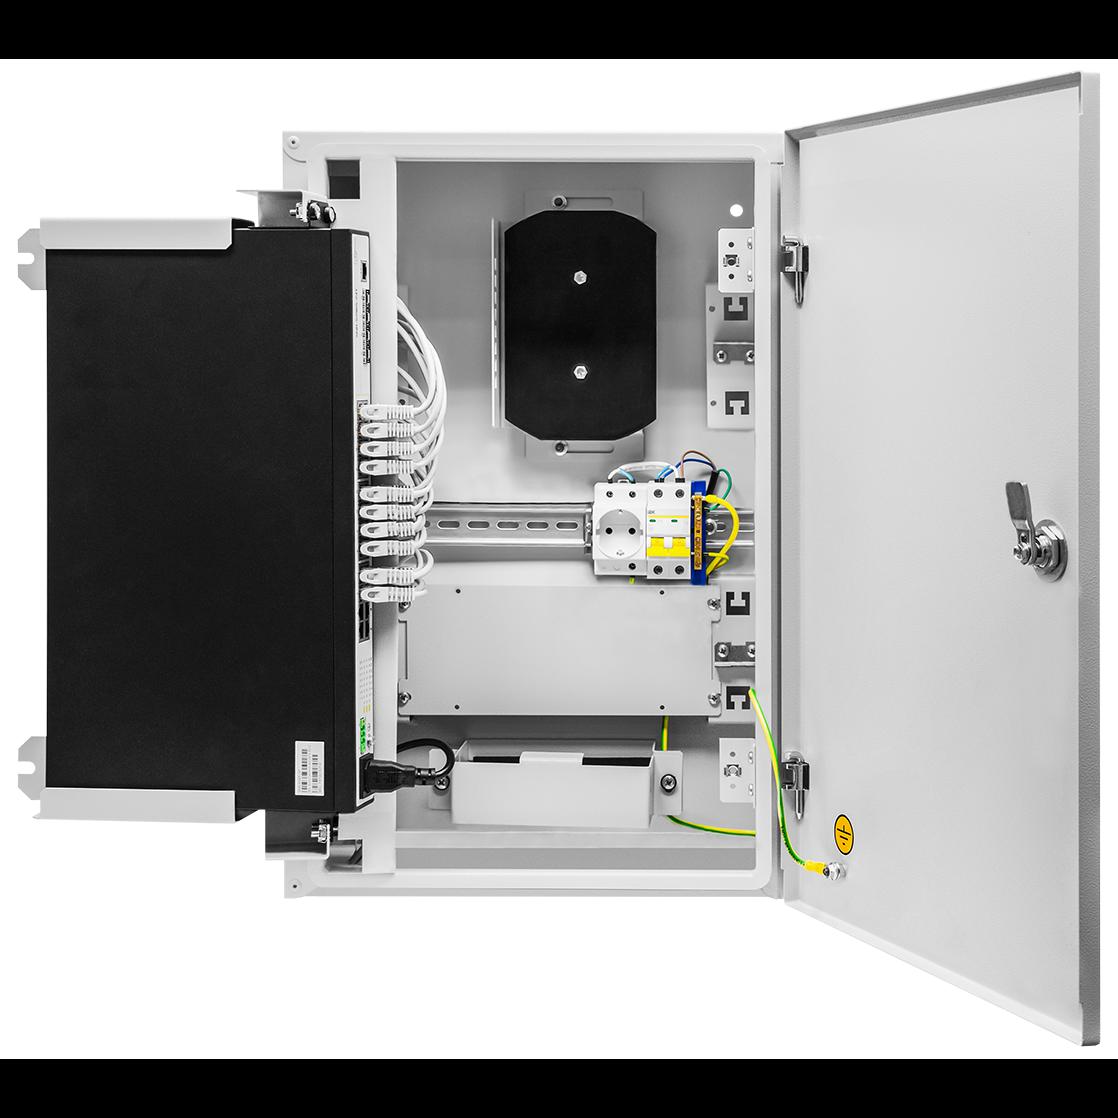 Шкаф телекоммуникационный для узла доступа 600х400x200мм, серия RT с блоком питания (SNR-TWC-604020-RTU-IP30)